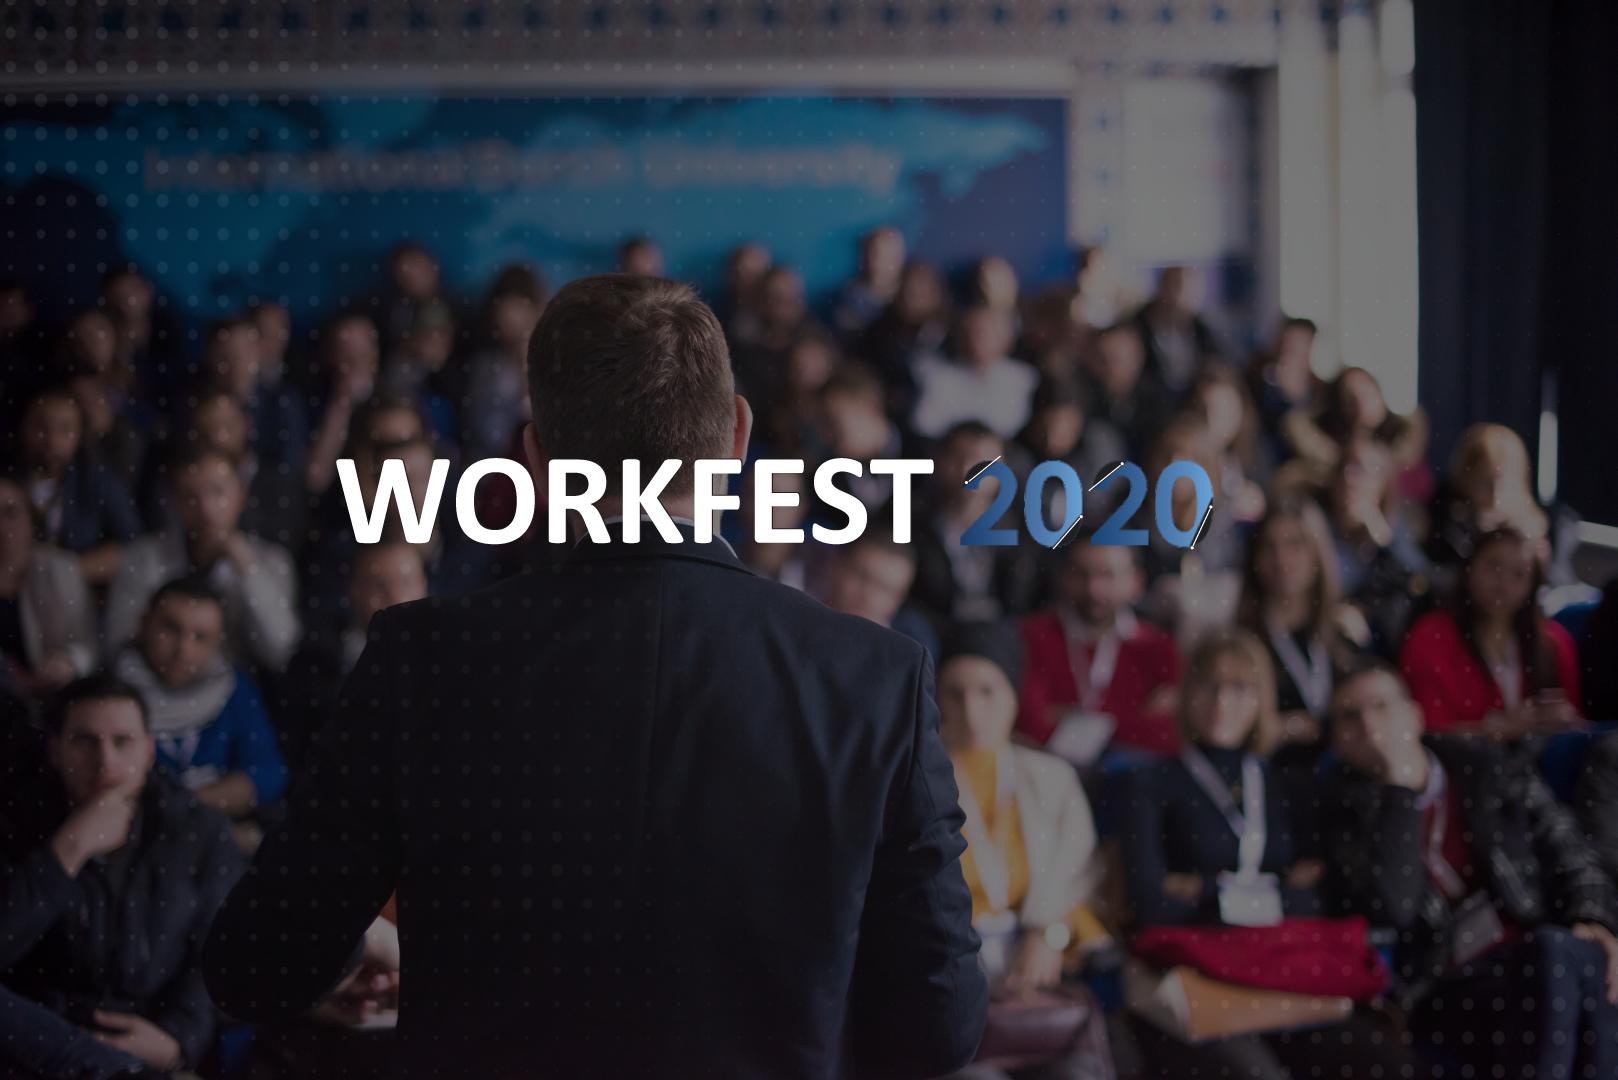 Sneak Peek Into What Workfest 2020 Will Offer